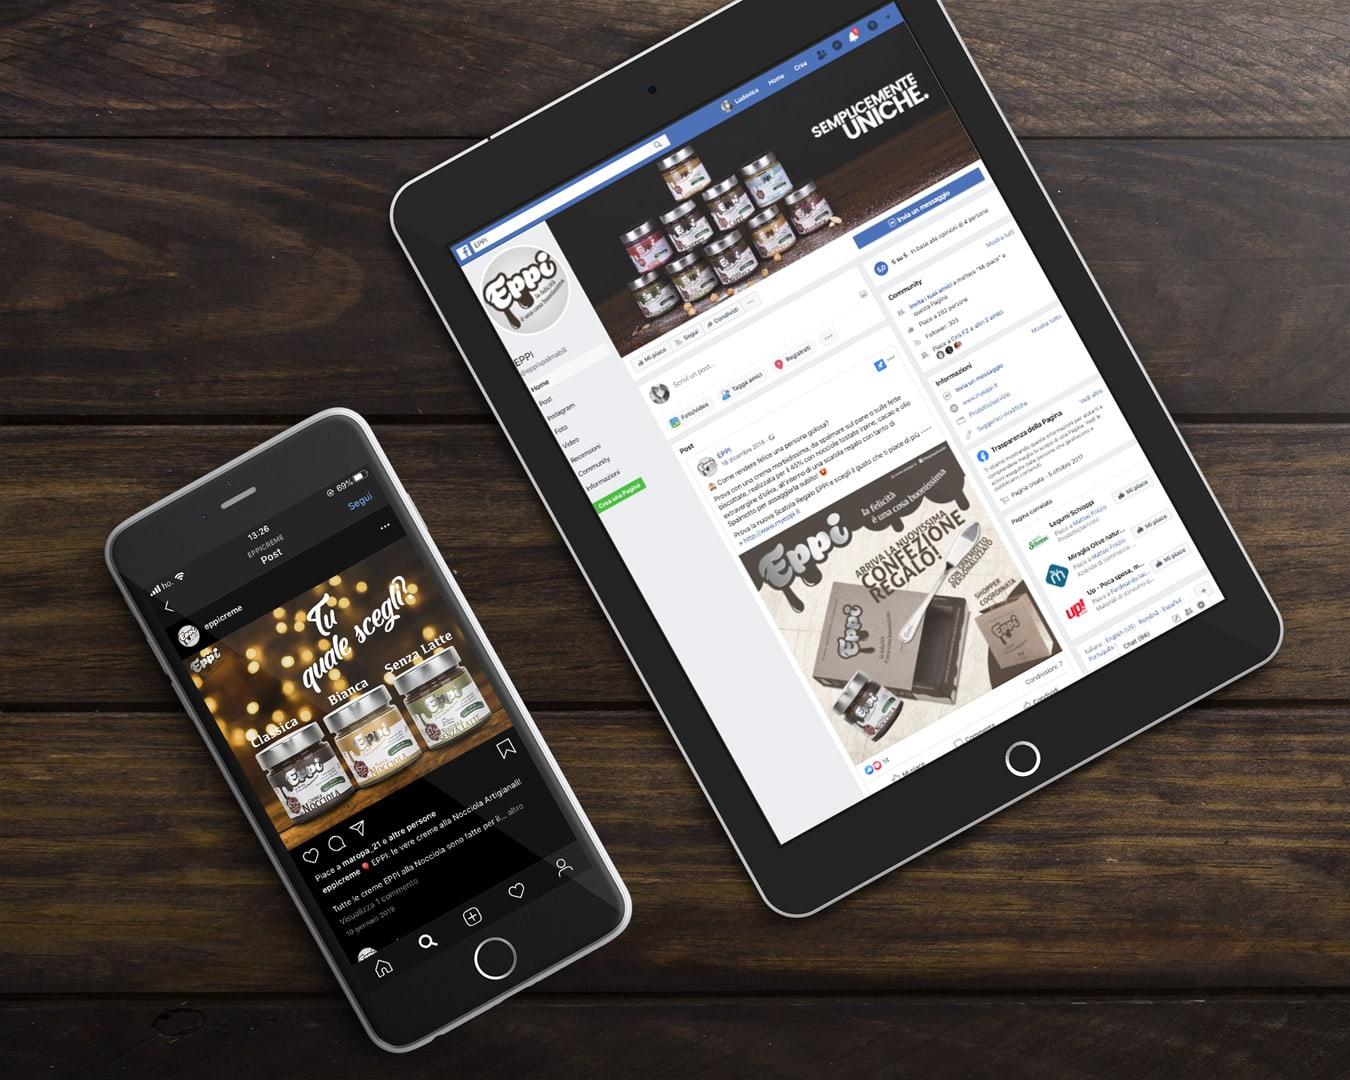 Eppy - Social & contents by DelfiAdv.it